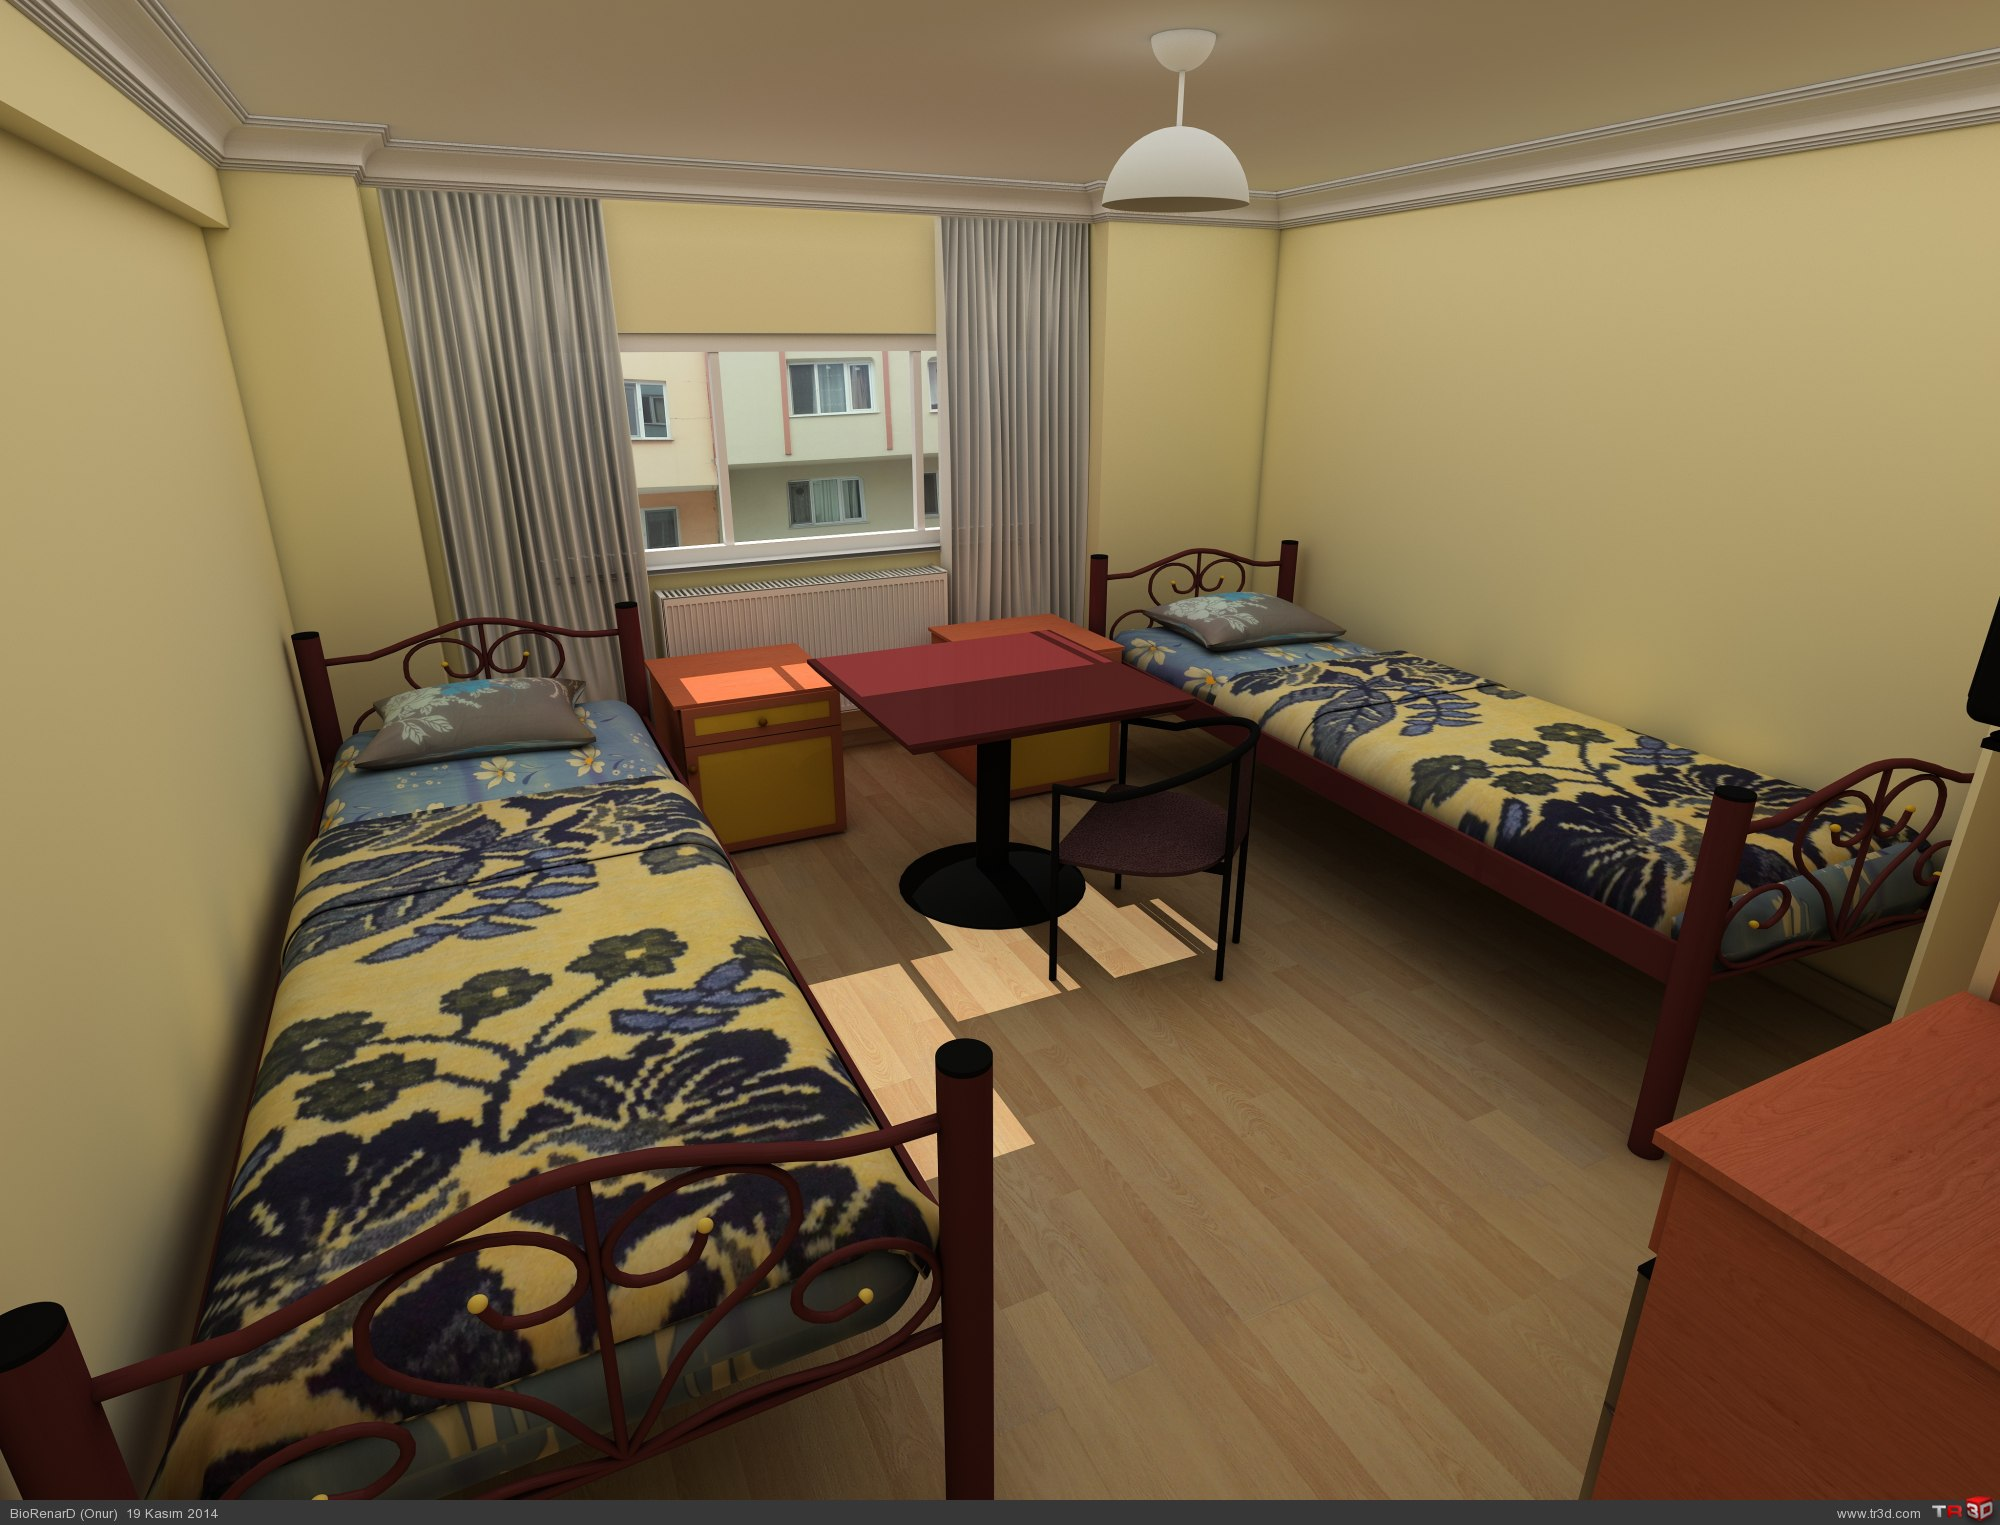 Kaldığım yurdun odası 1